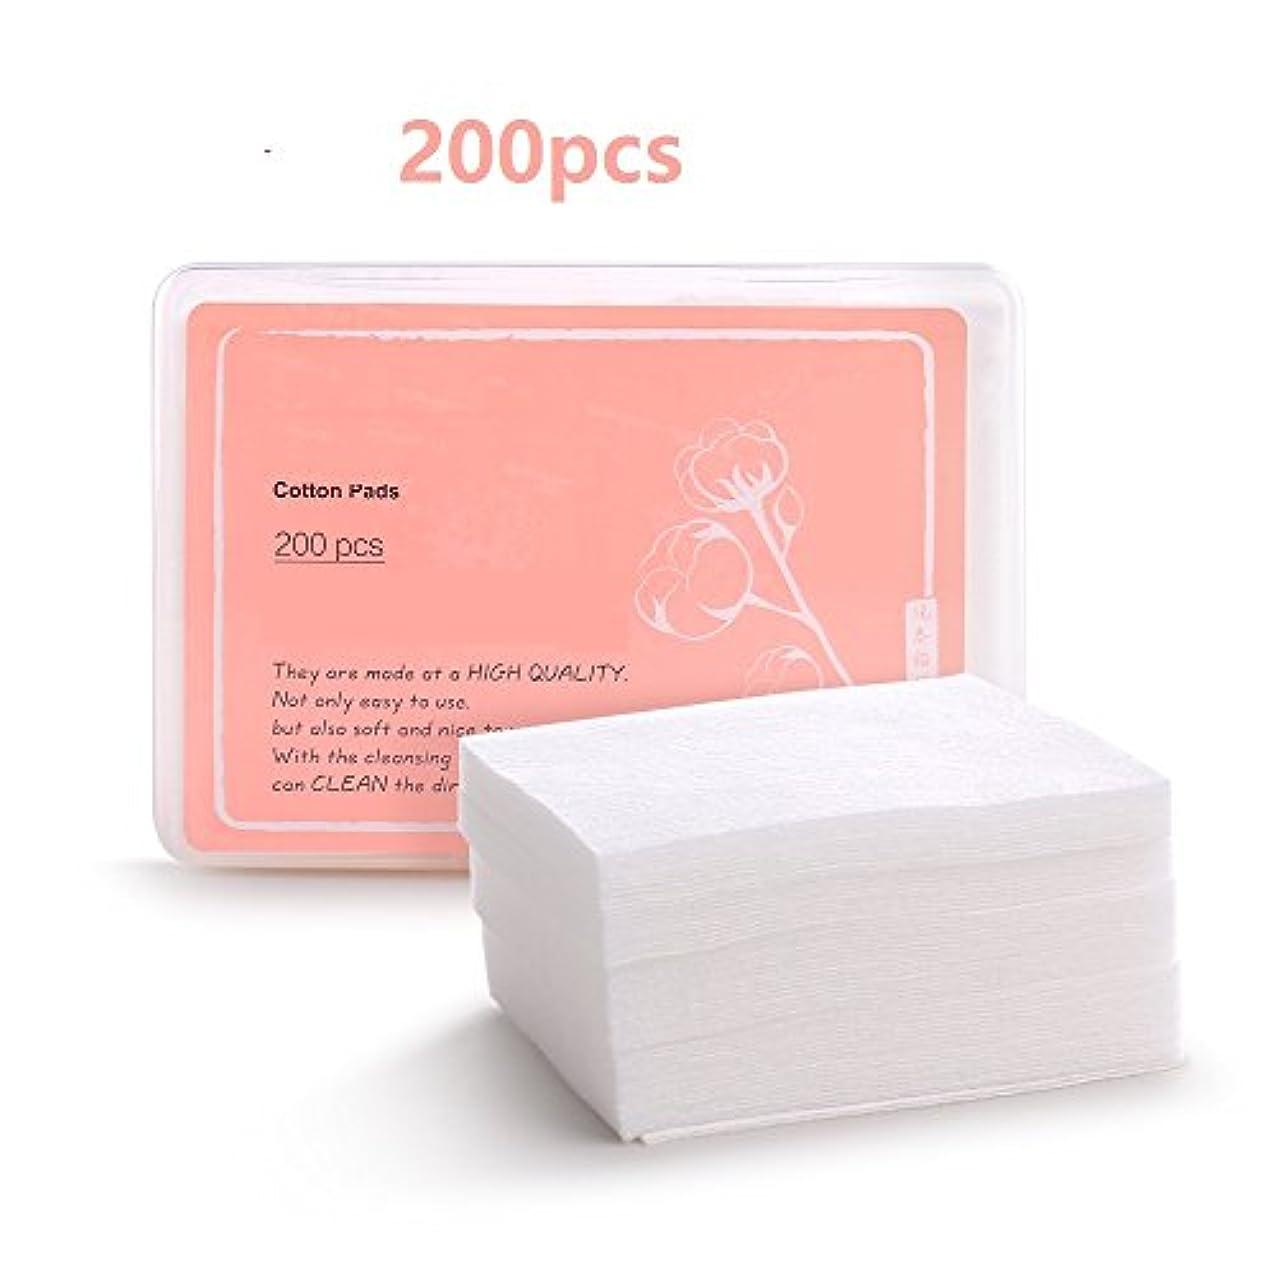 ラフ睡眠ブロー外側Aorunji 柔らかい 高品質天然有機ソフト薄いコットンの顔パッドコットンパッドリムーバーコットンアイネイルメイクリムーバーコスメティックコットン(Appr.200pcs)